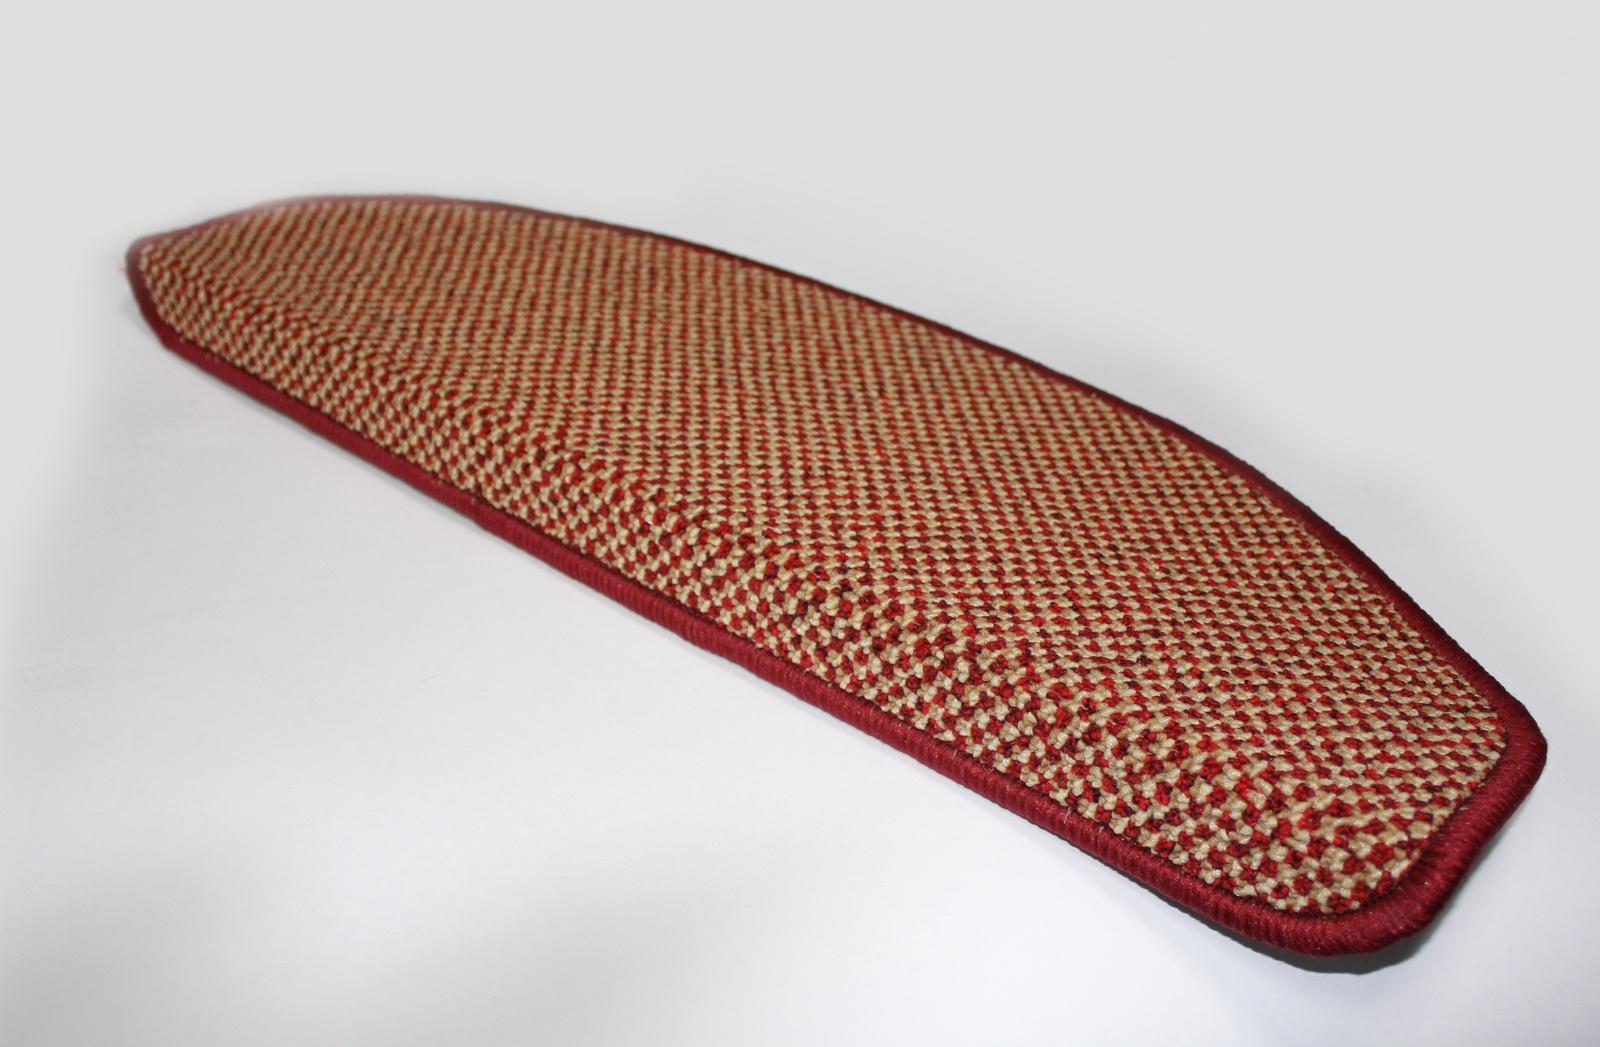 Защитный коврик Велий Банког 85, бордовый защитный коврик велий хеопс 22 зеленый